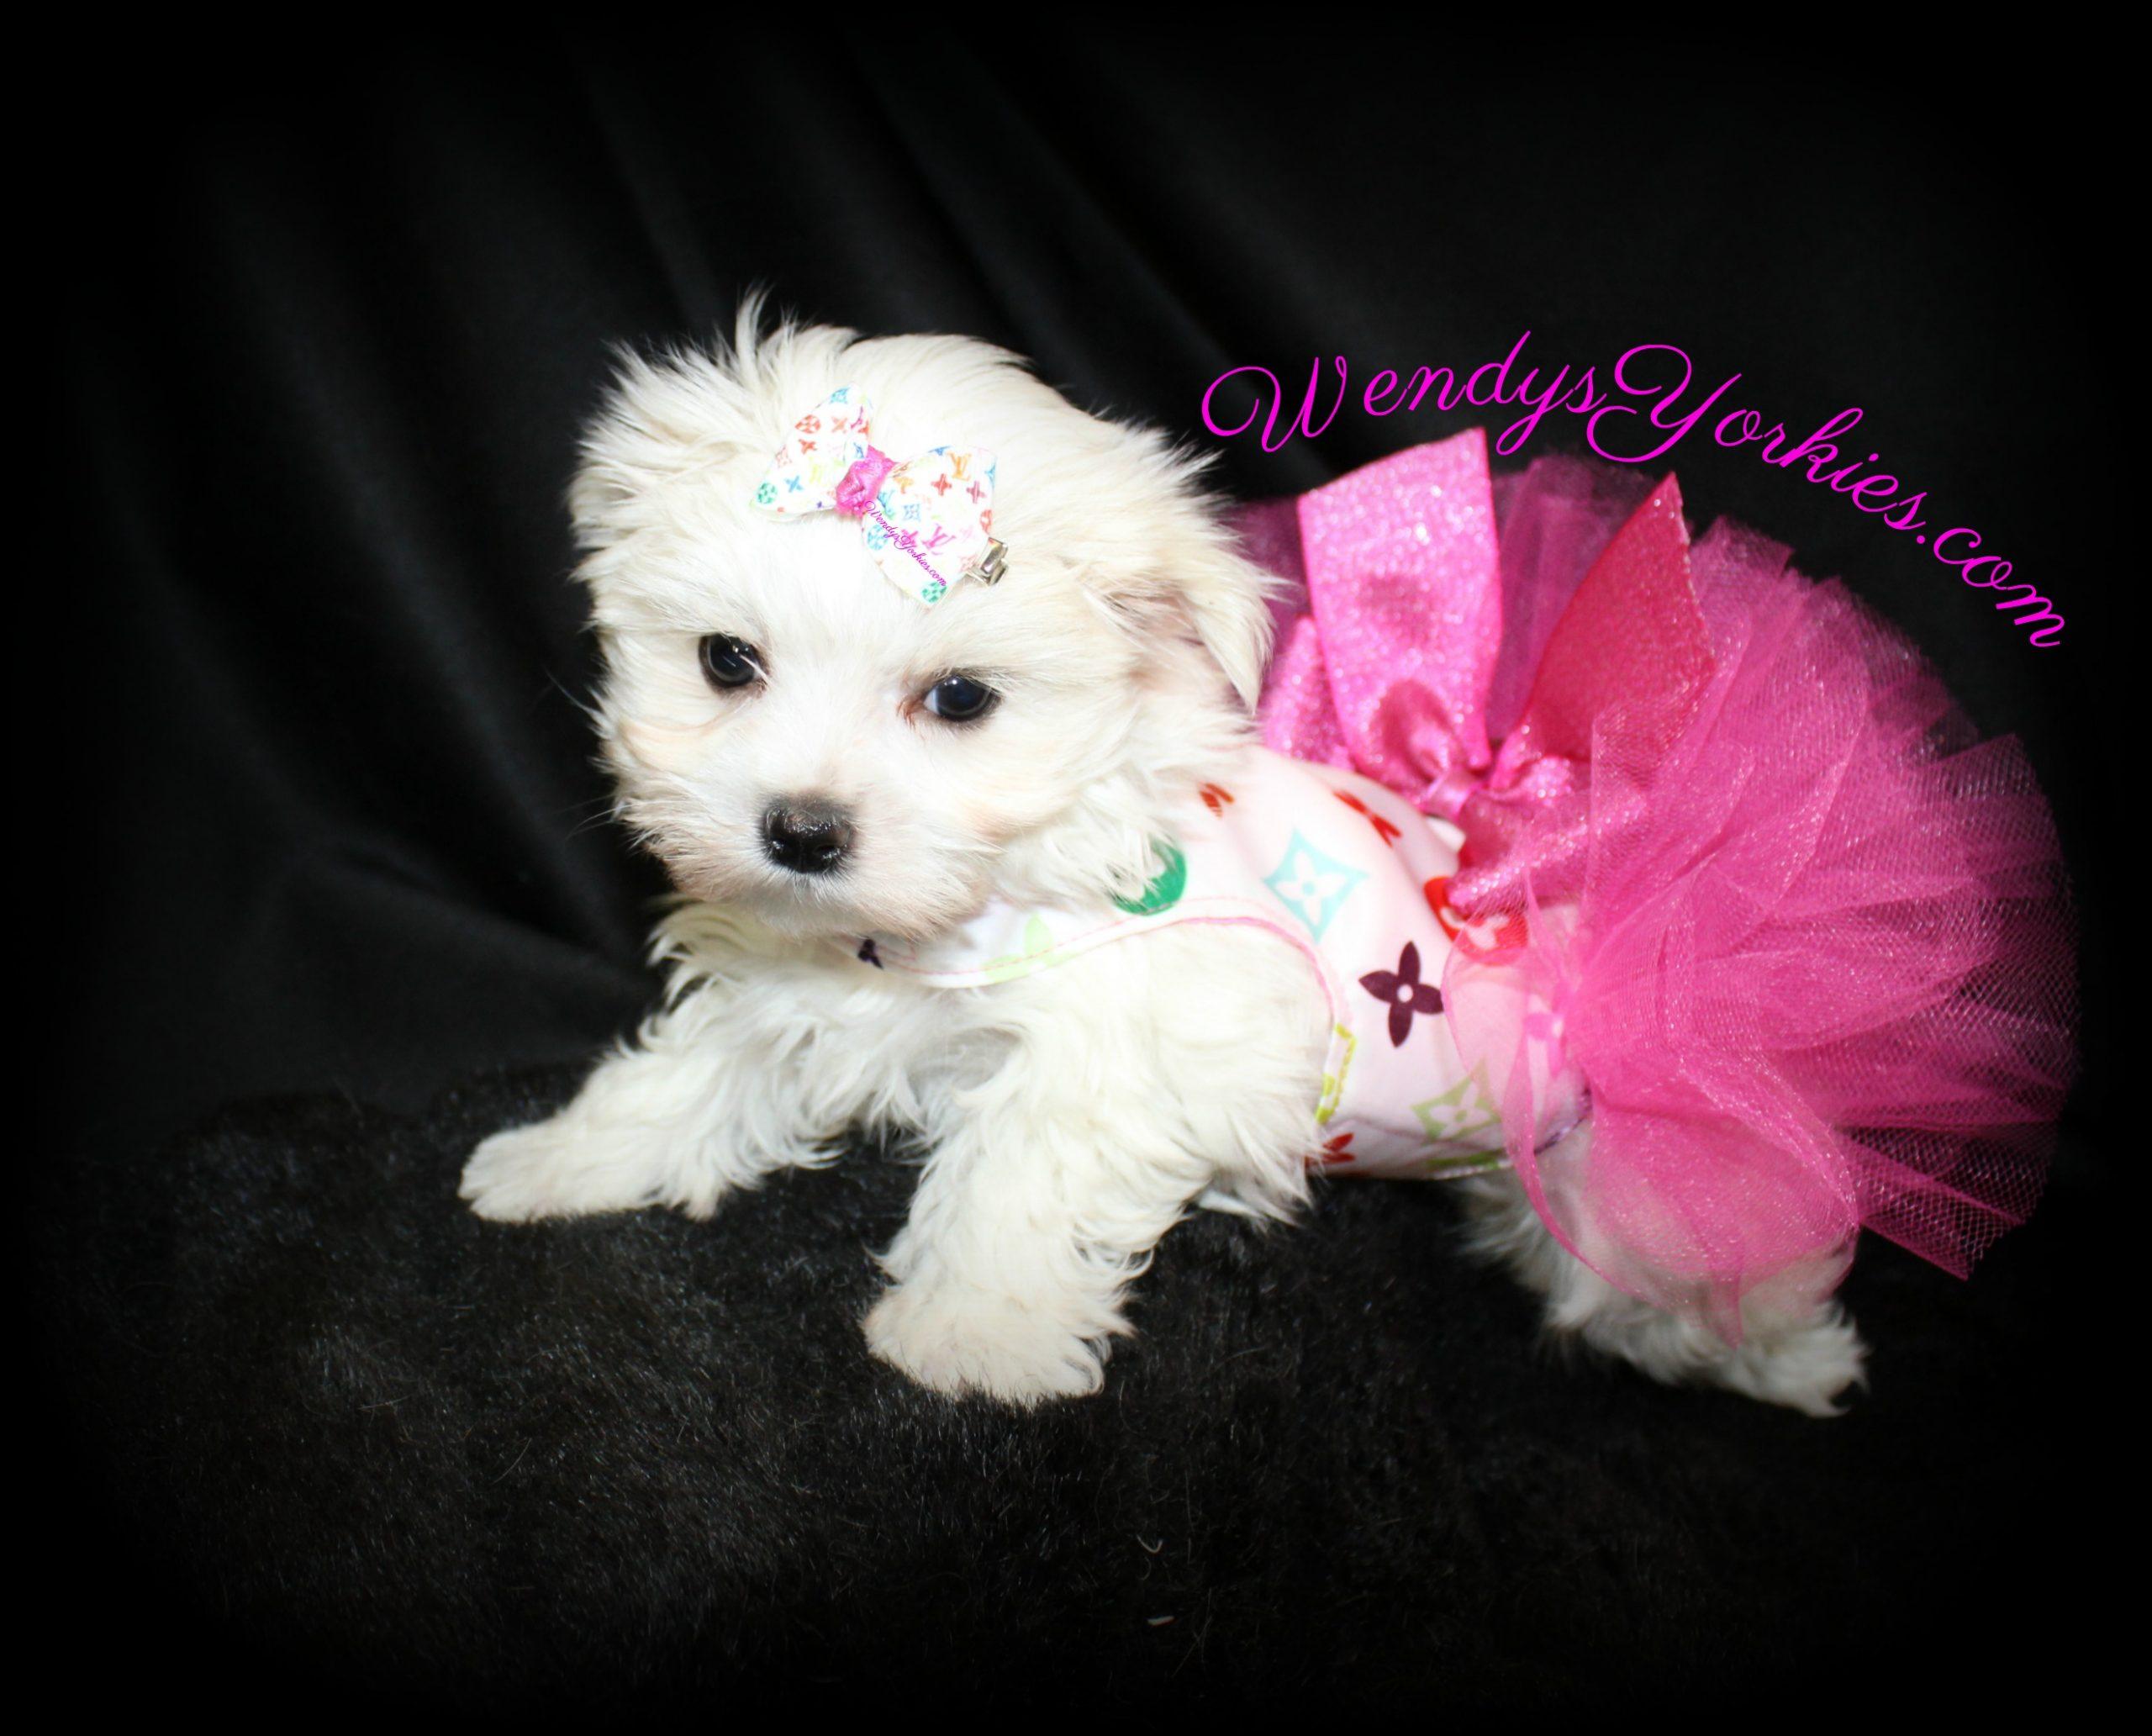 Female Maltese puppy for sale, Ellie, WendysYorkies.com